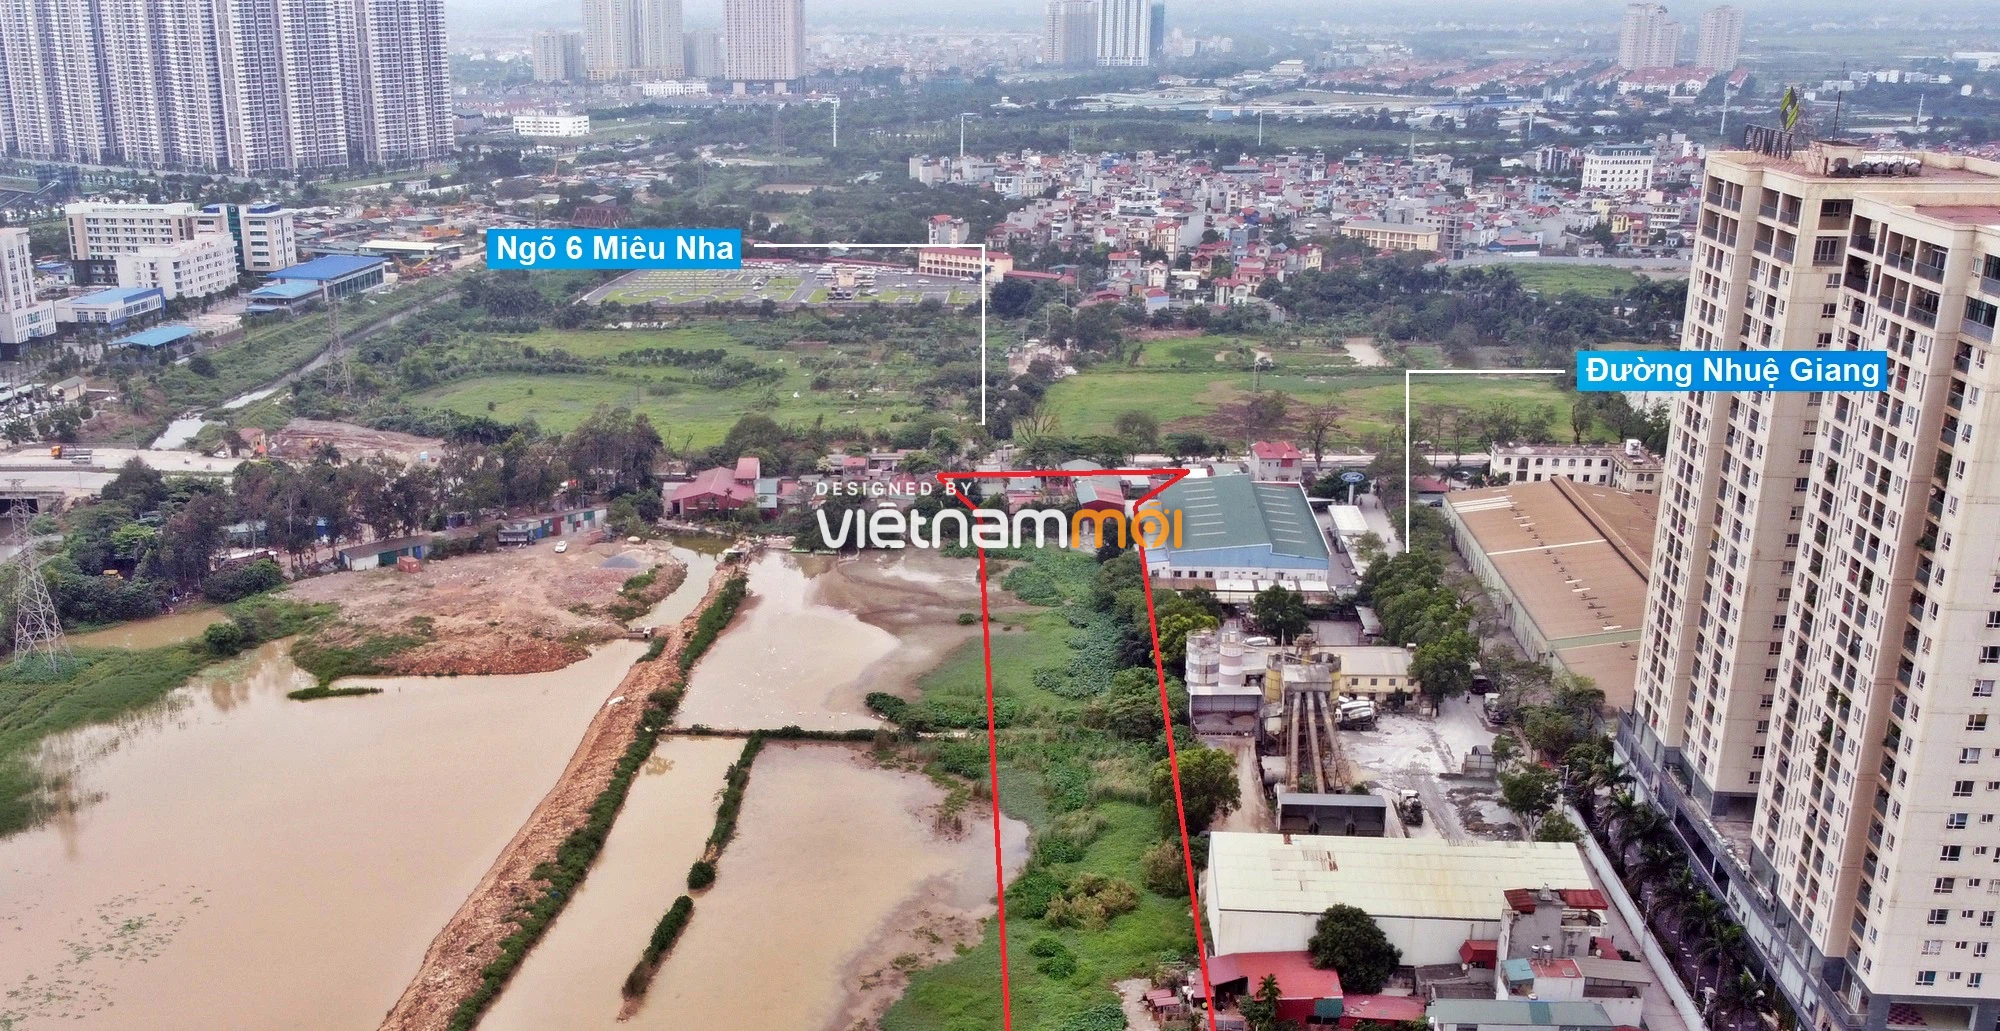 Những khu đất sắp thu hồi để mở đường ở phường Tây Mỗ, Nam Từ Liêm, Hà Nội (phần 2) - Ảnh 3.